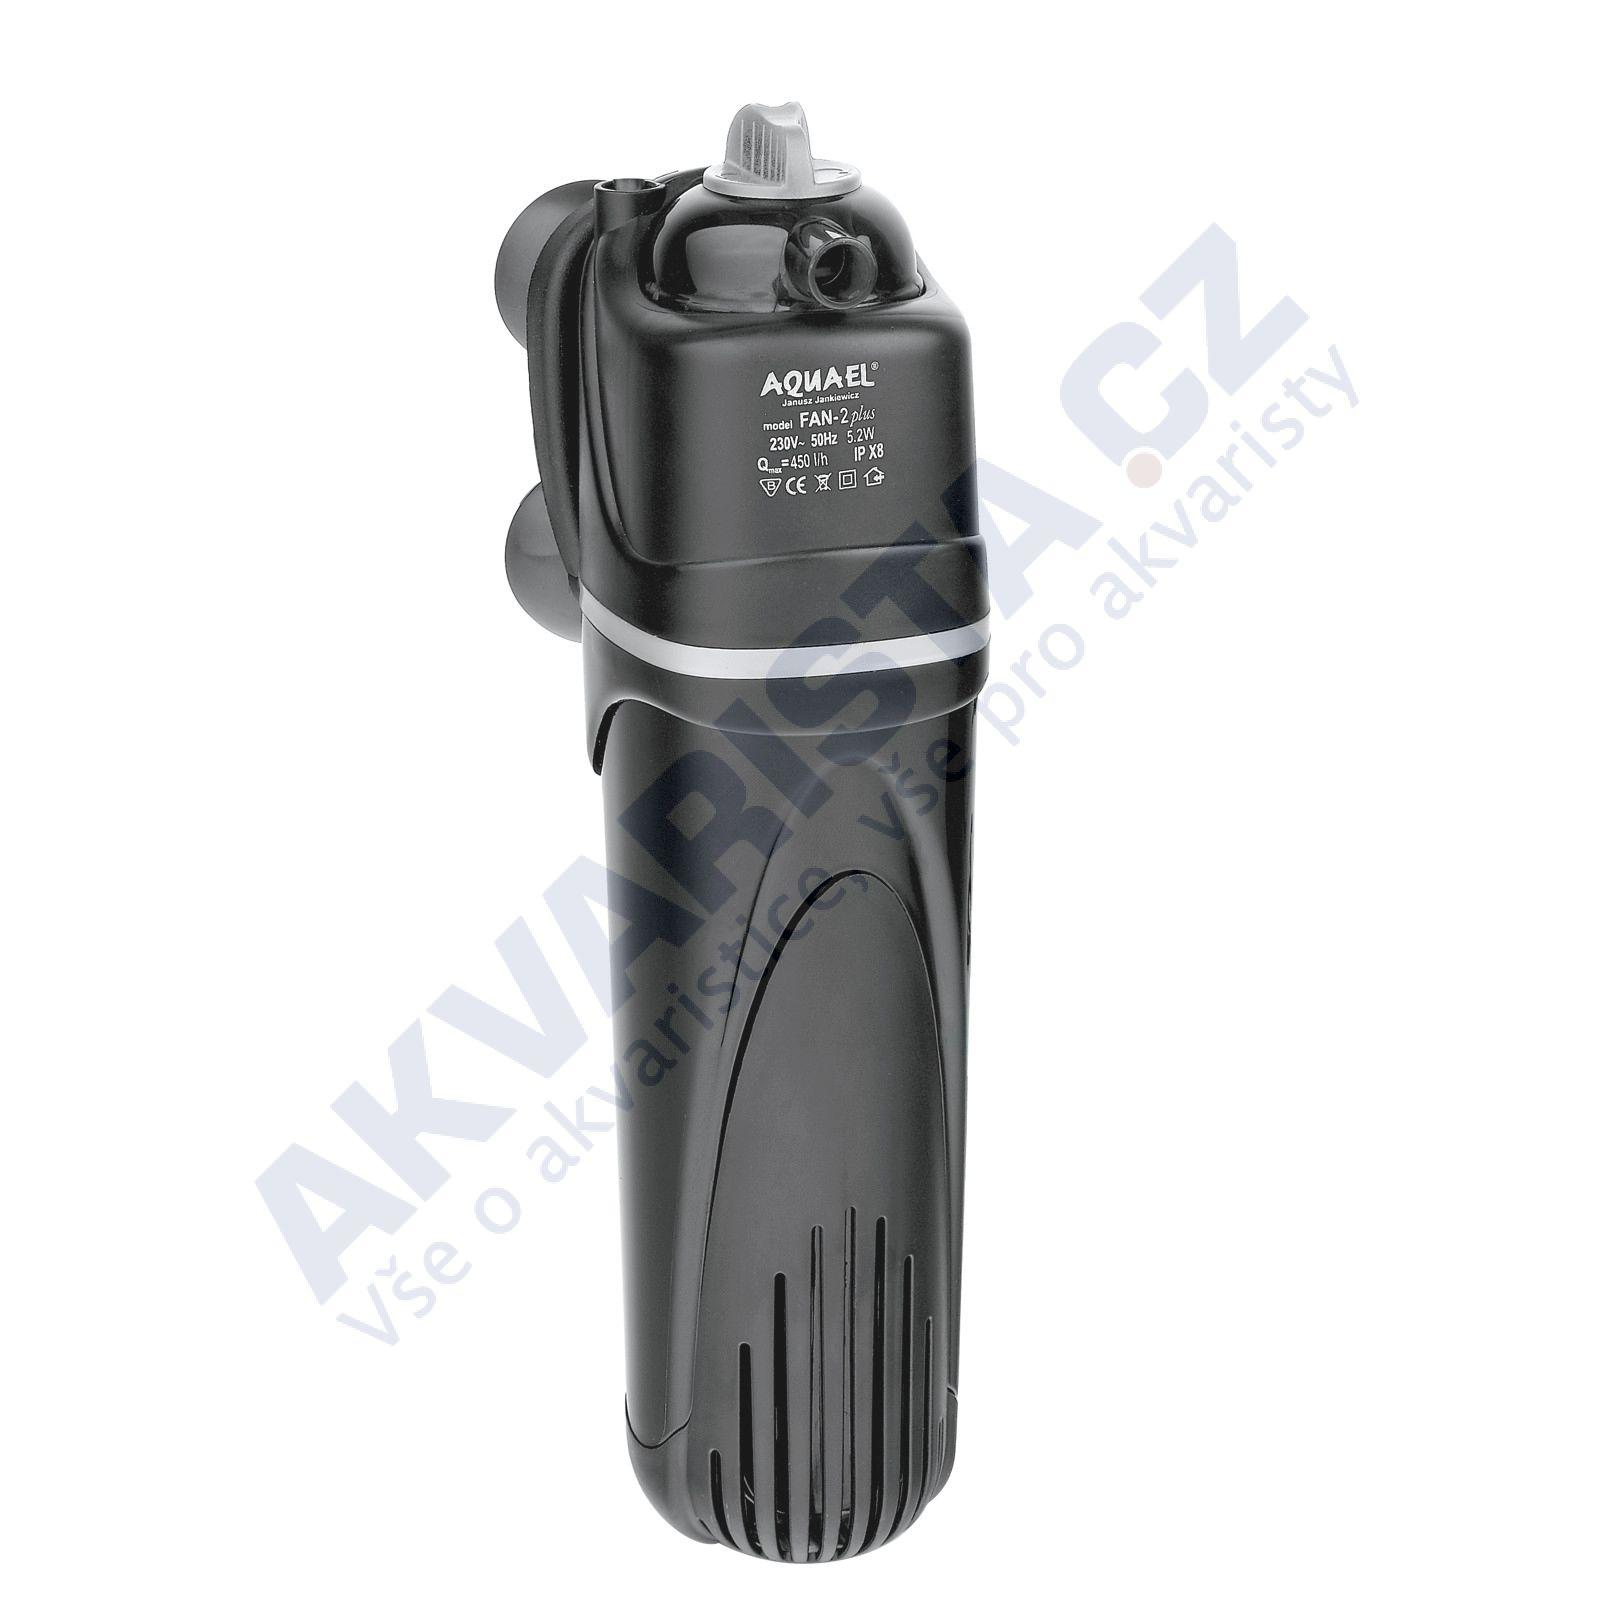 AquaEl Fan 2 vnitřní filtr